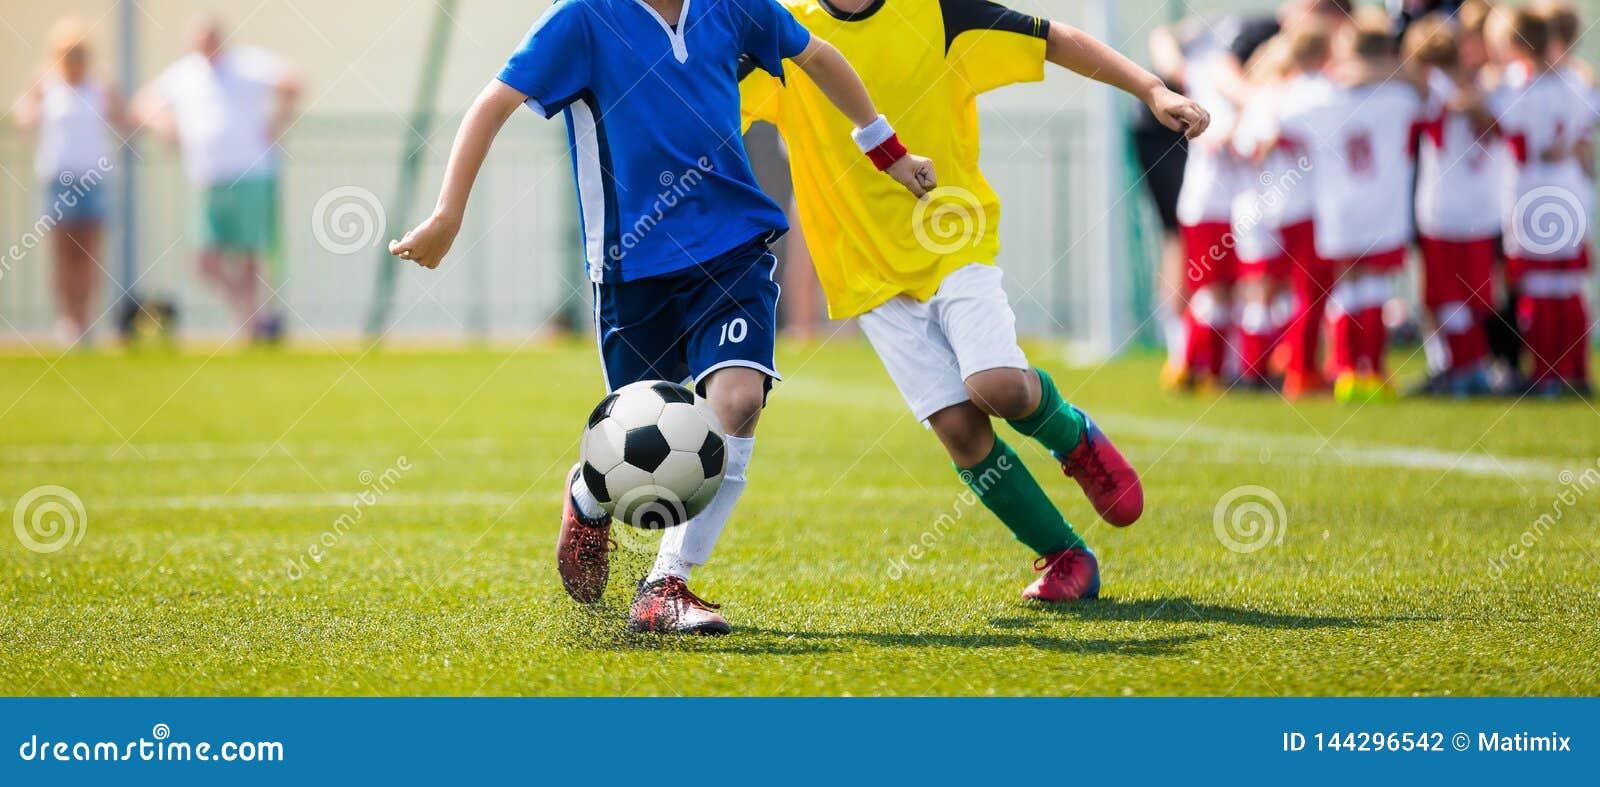 Duello di Junior Soccer Teams During Running Partita di football americano per i giocatori della gioventù